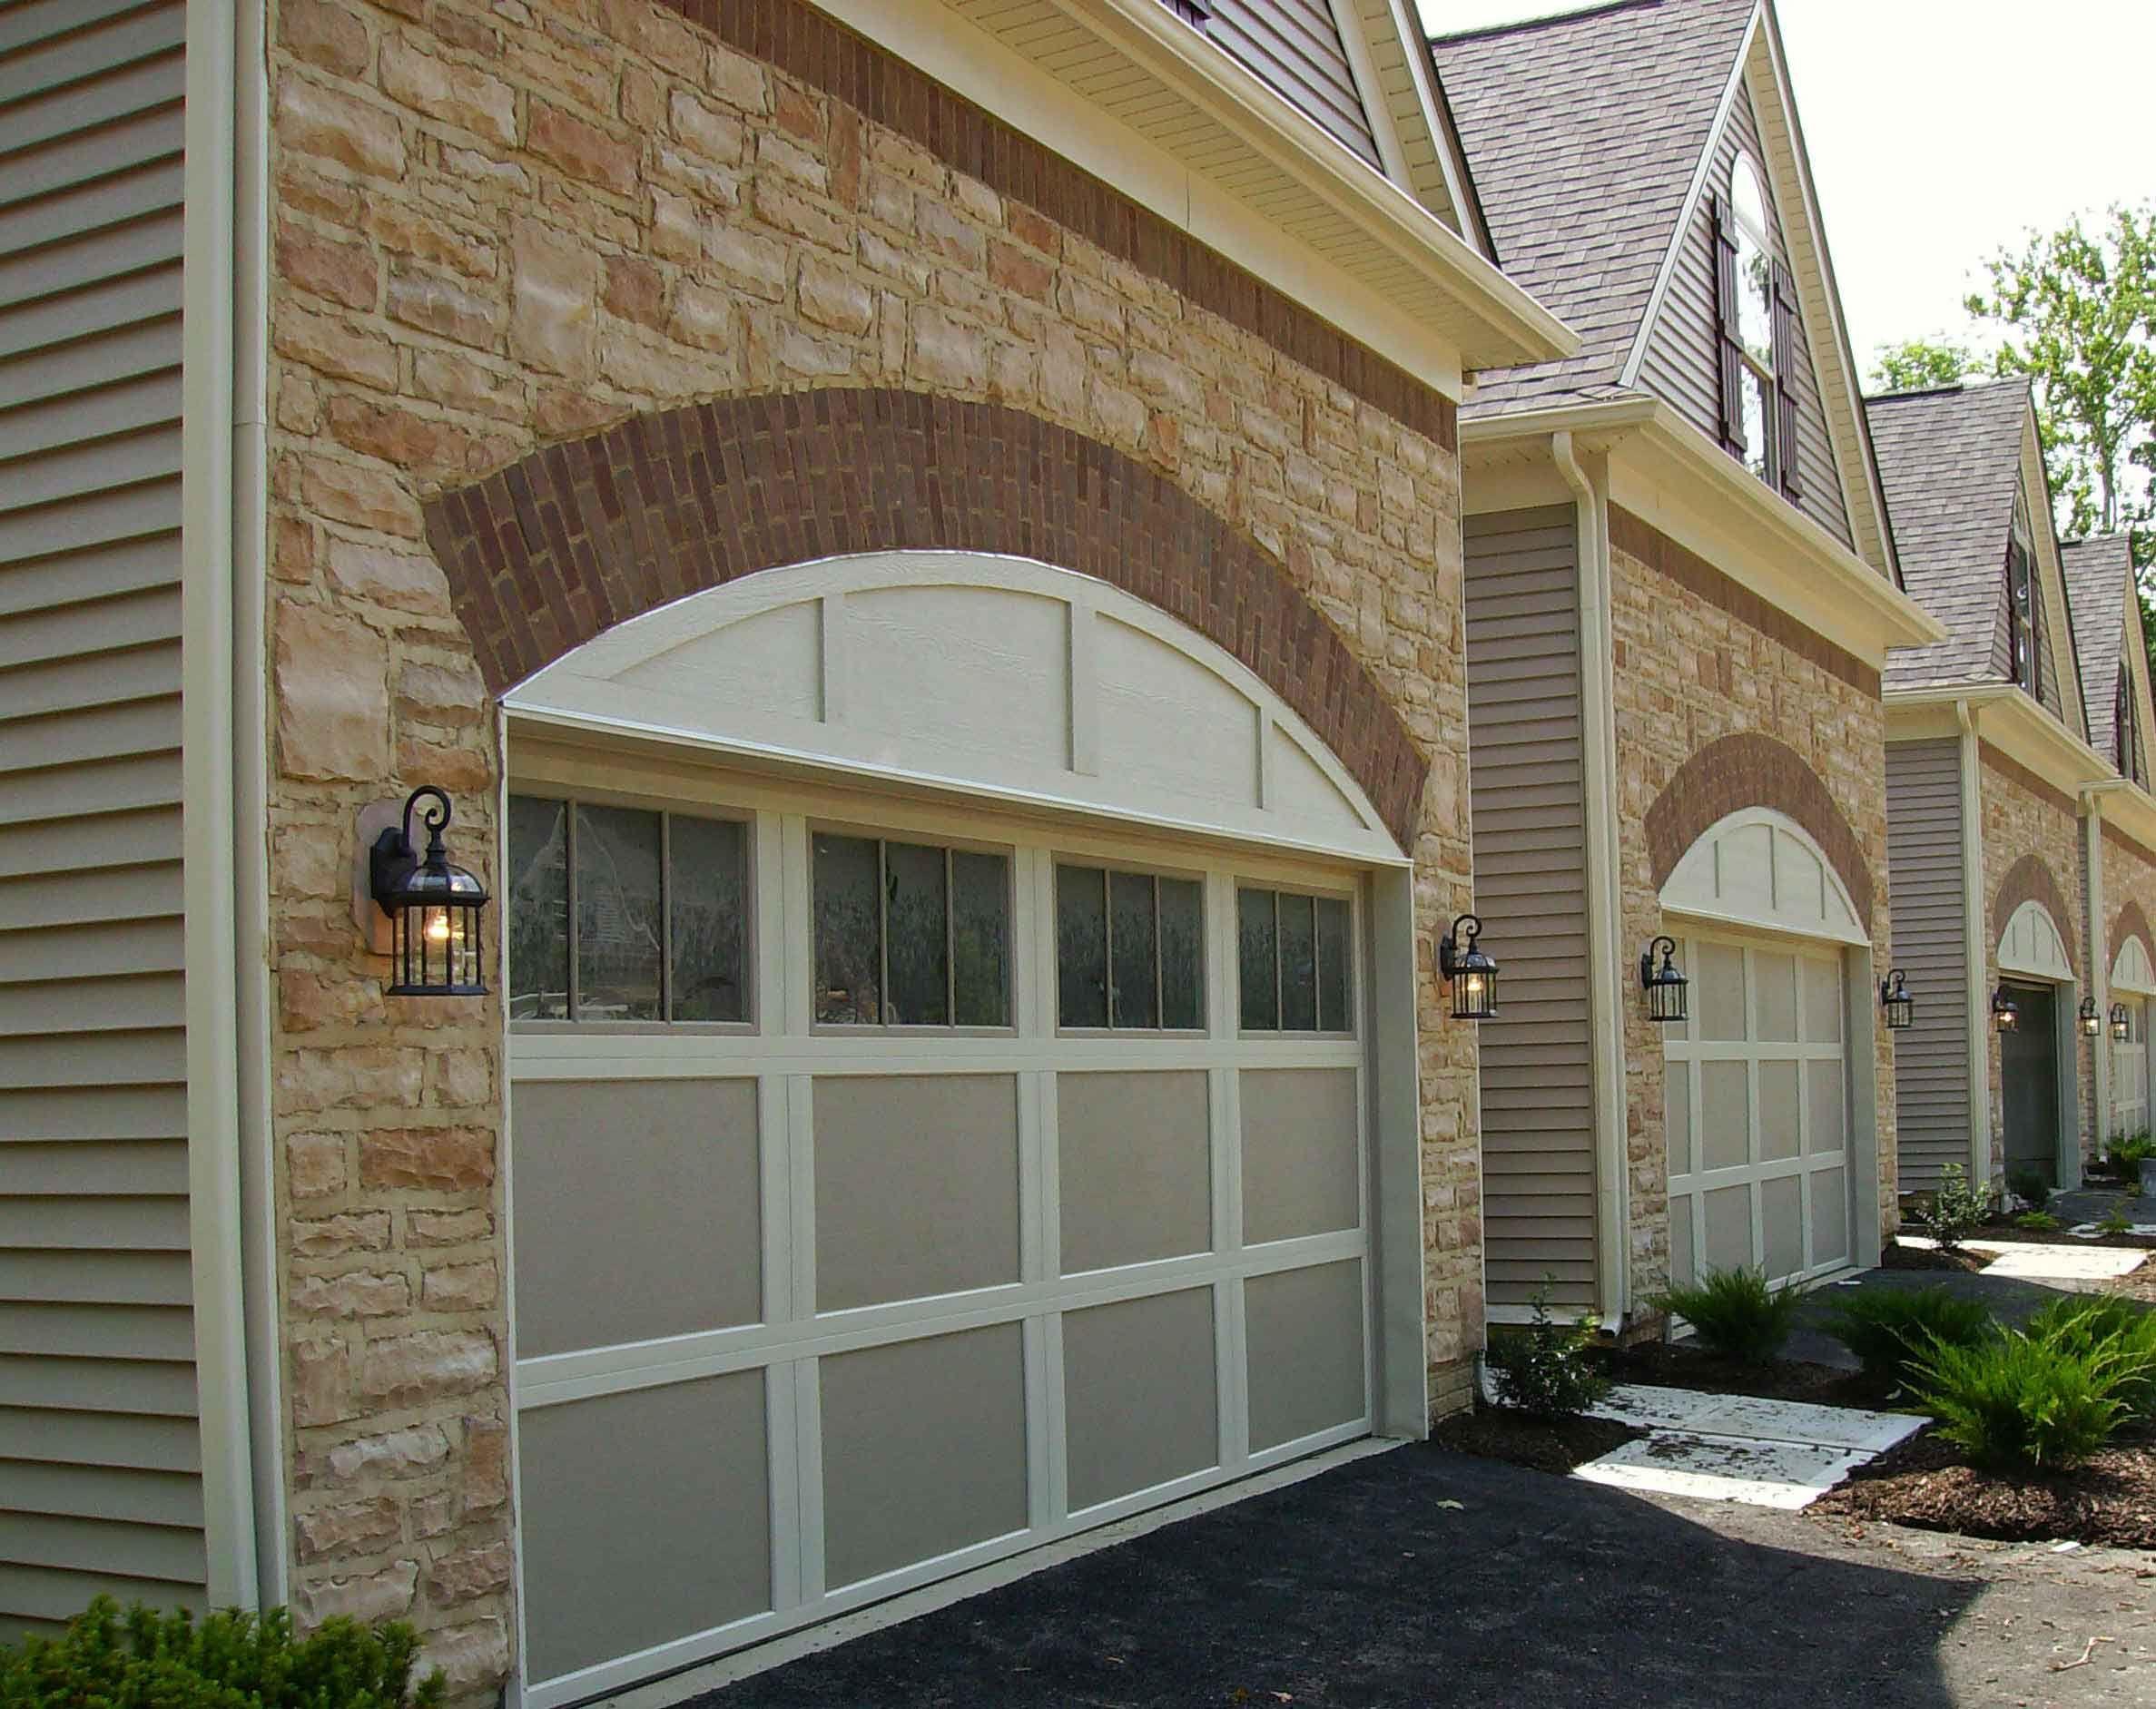 Choosing a Garage Door Color | Garage door colors, Garage ... on Choosing Garage Door Paint Colors  id=34022